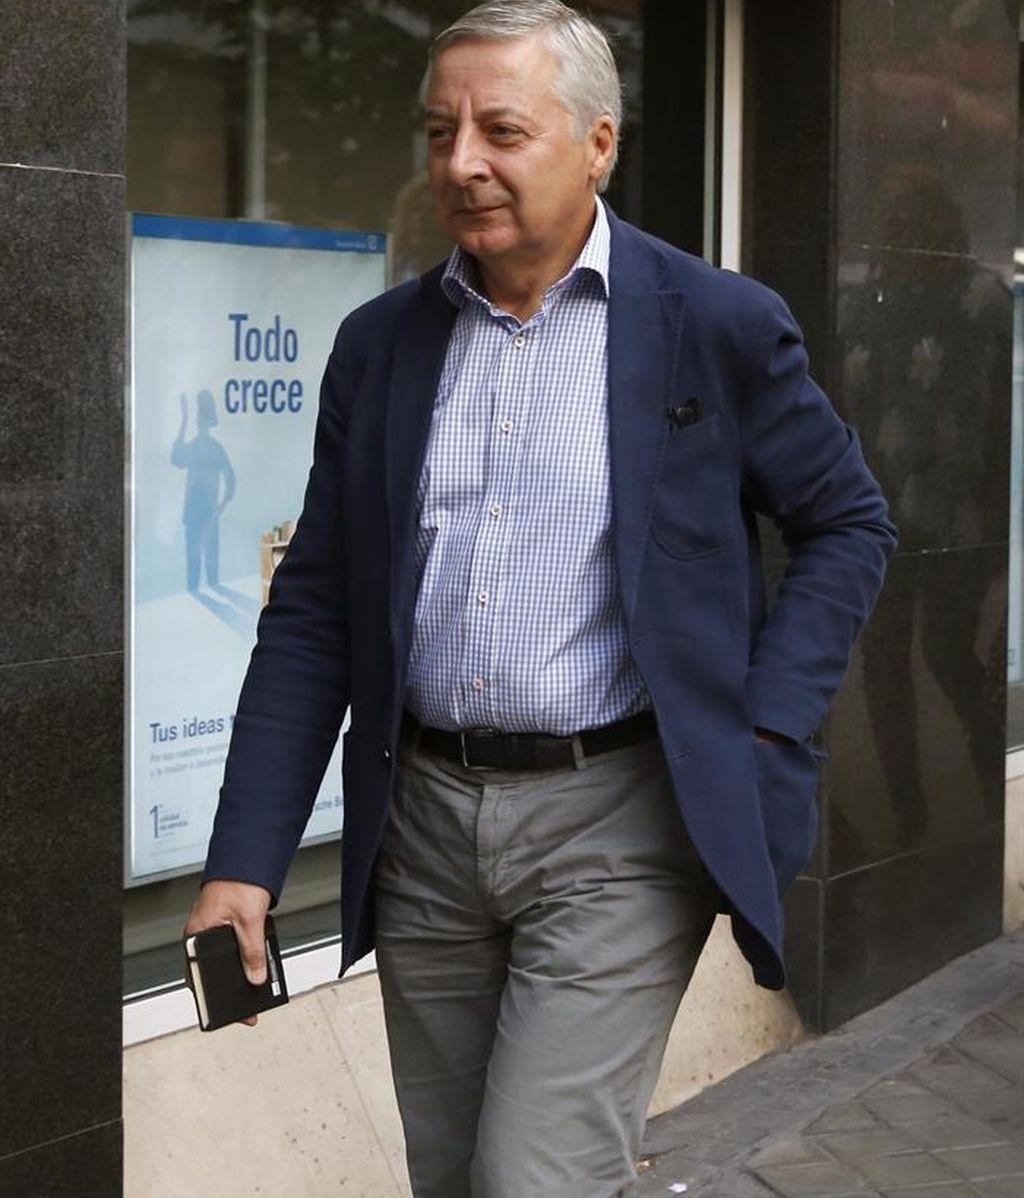 El socialista José Blanco, a su llegada a la sede del PSOE en la madrileña calle de Ferraz